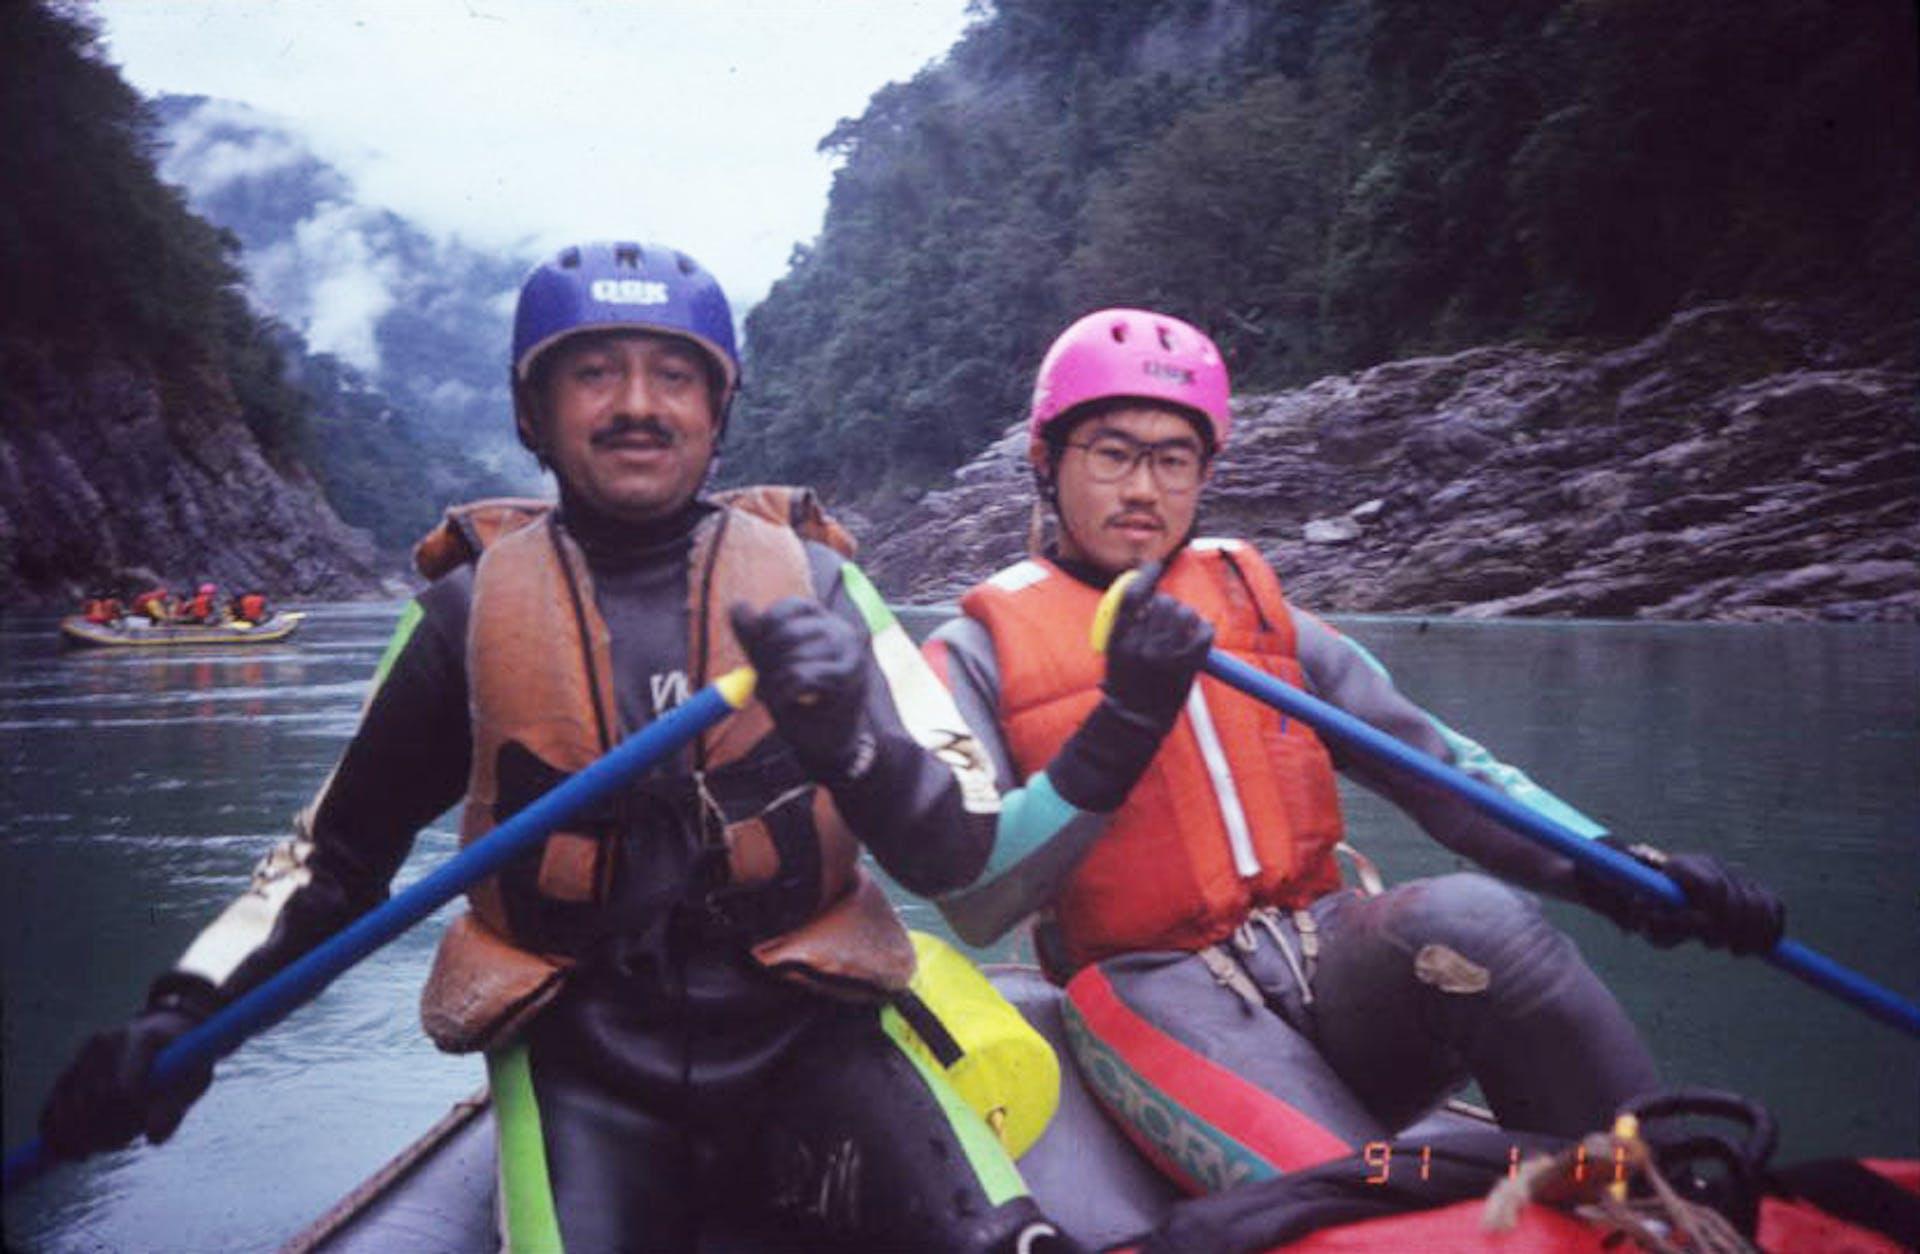 SP Chamoli and Toshio Nakatani pose for the camera. Courtesy: SP Chamoli